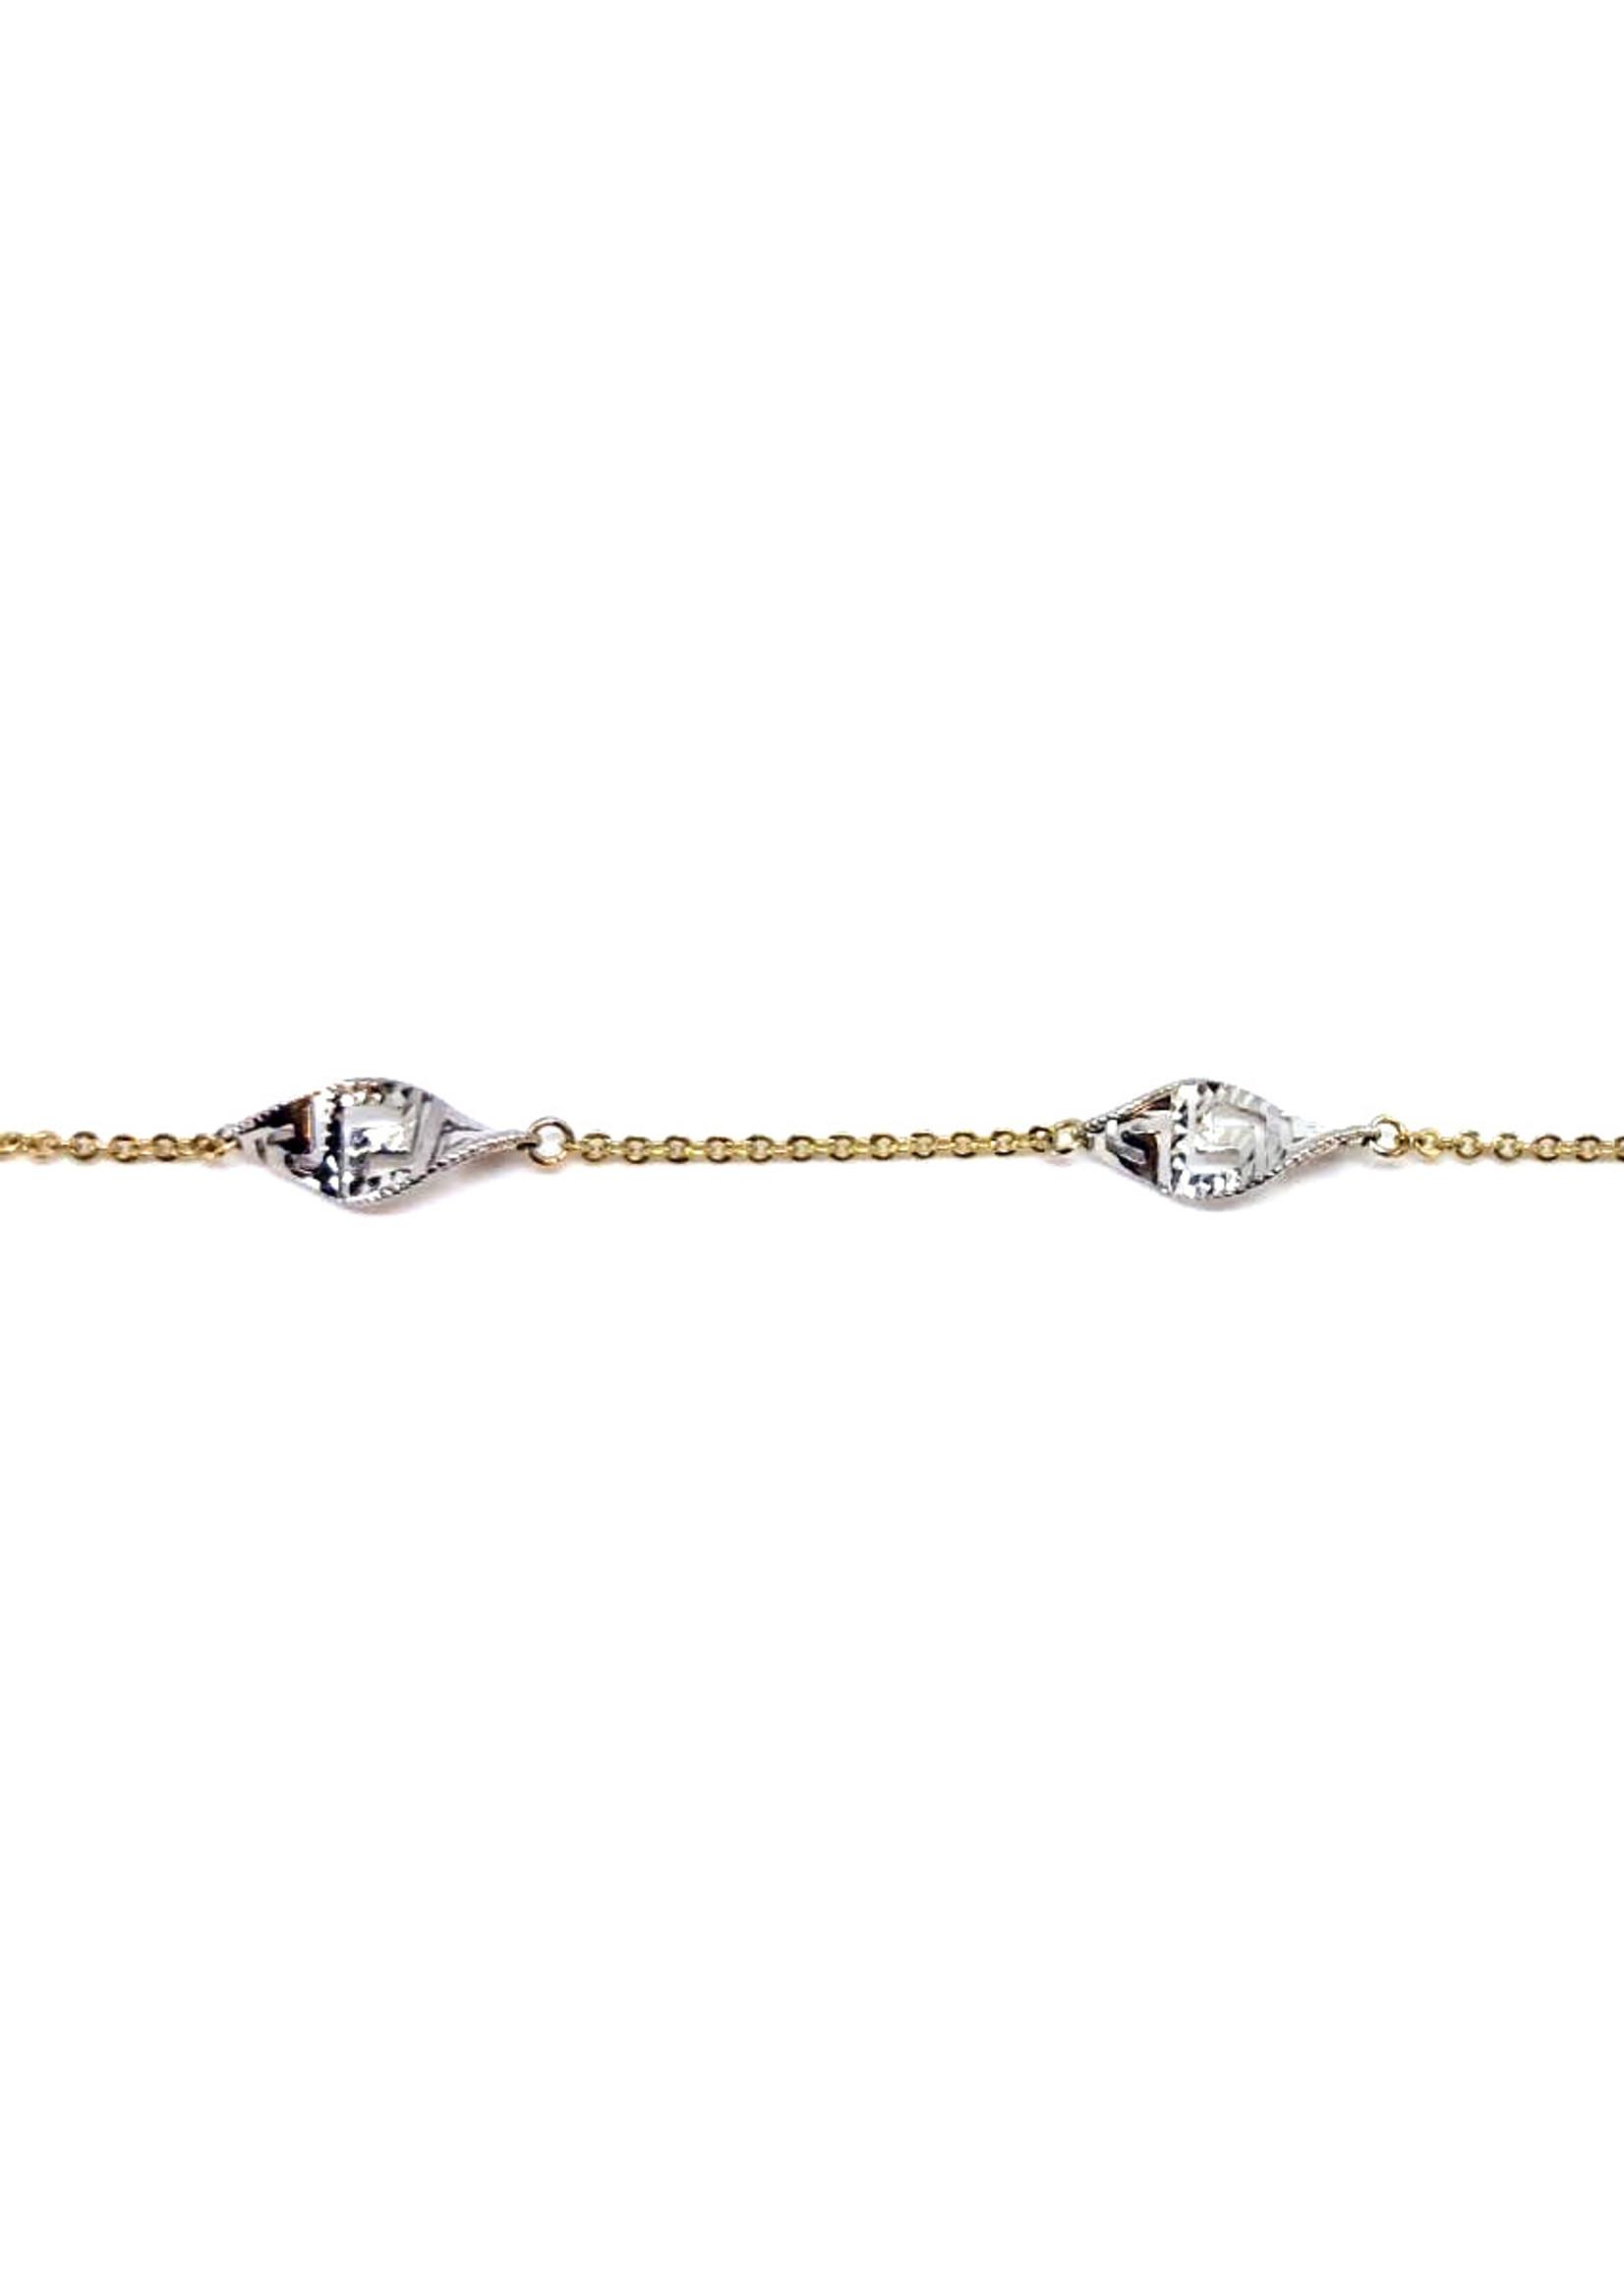 Bracelet Forçat et Versace Or 10K 2 tons